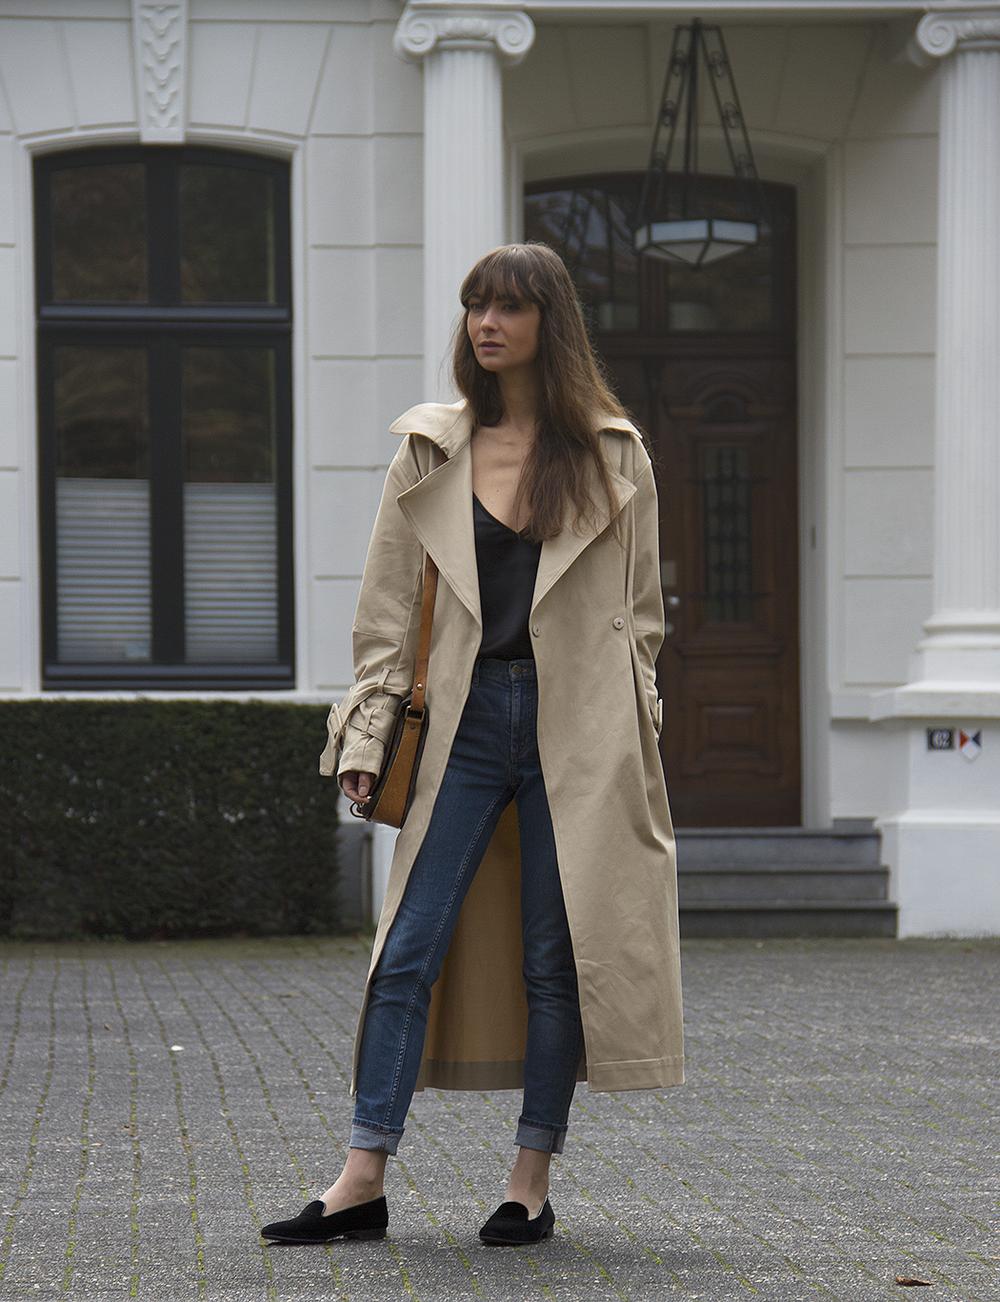 Hm Trend trenchcoat, Matin Studio silk top, Cos denim, Ralph Lauren loafers, Louis Vuitton bag 8.png